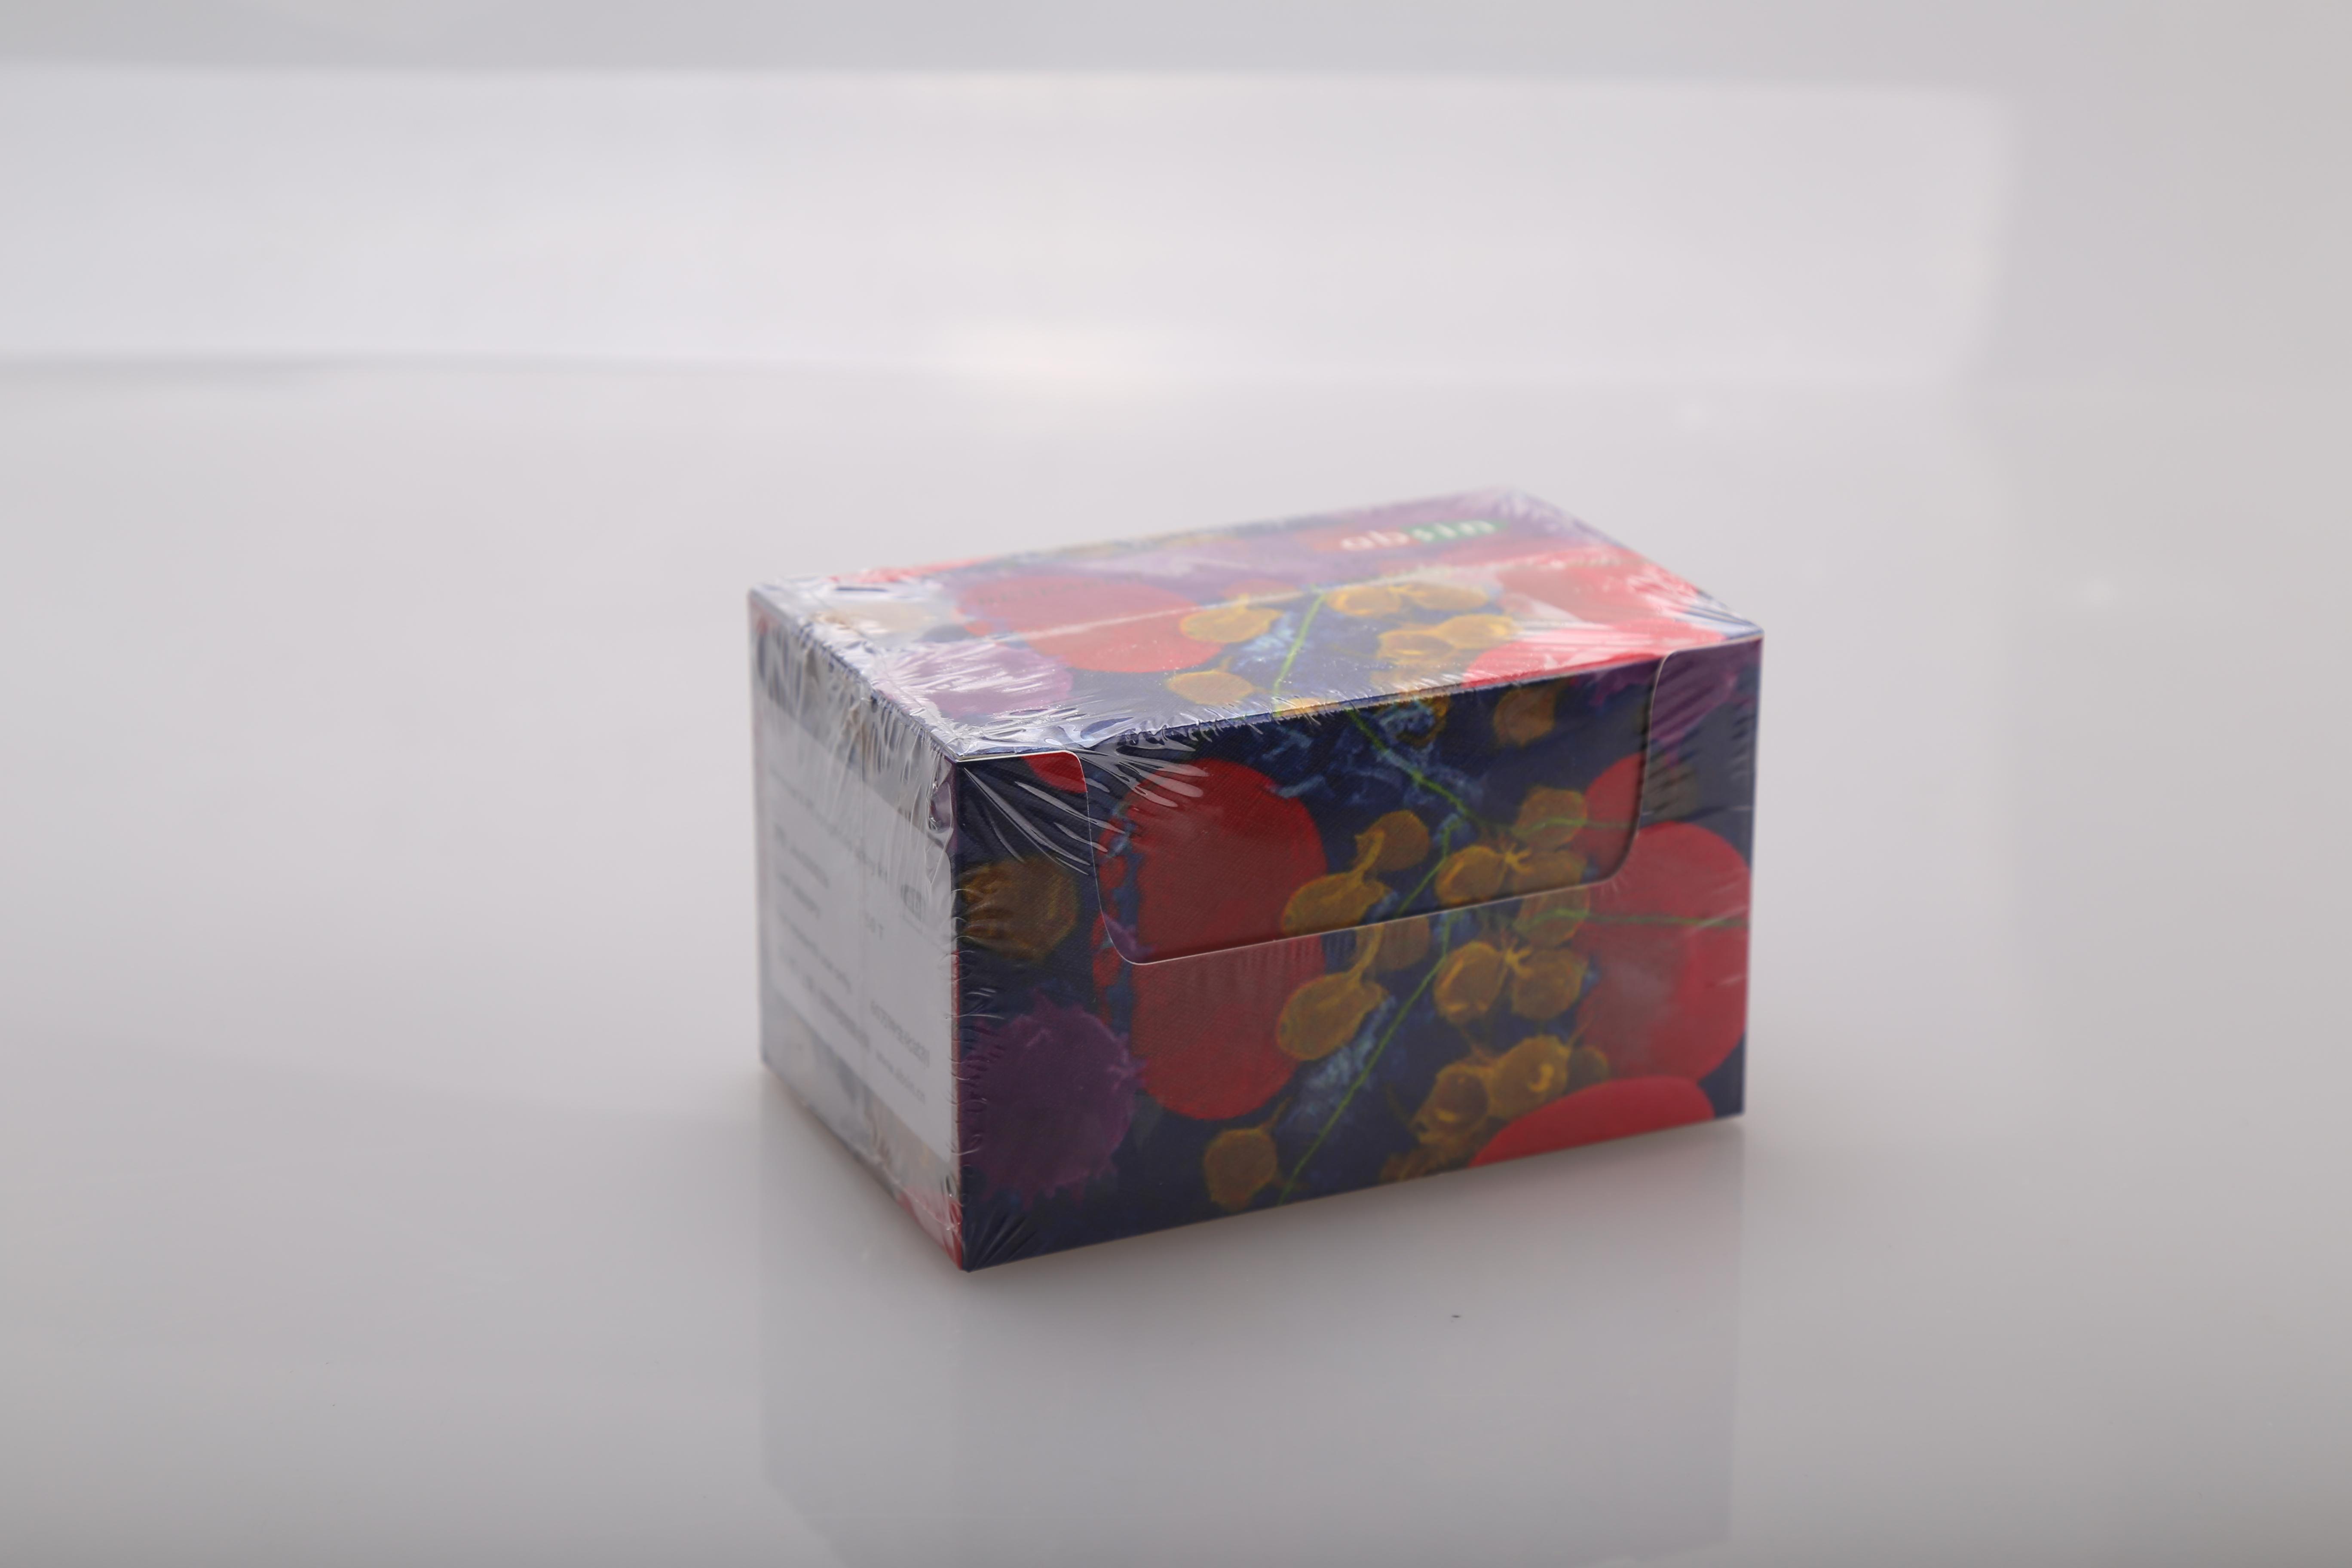 Annexin V 凋亡检测试剂盒